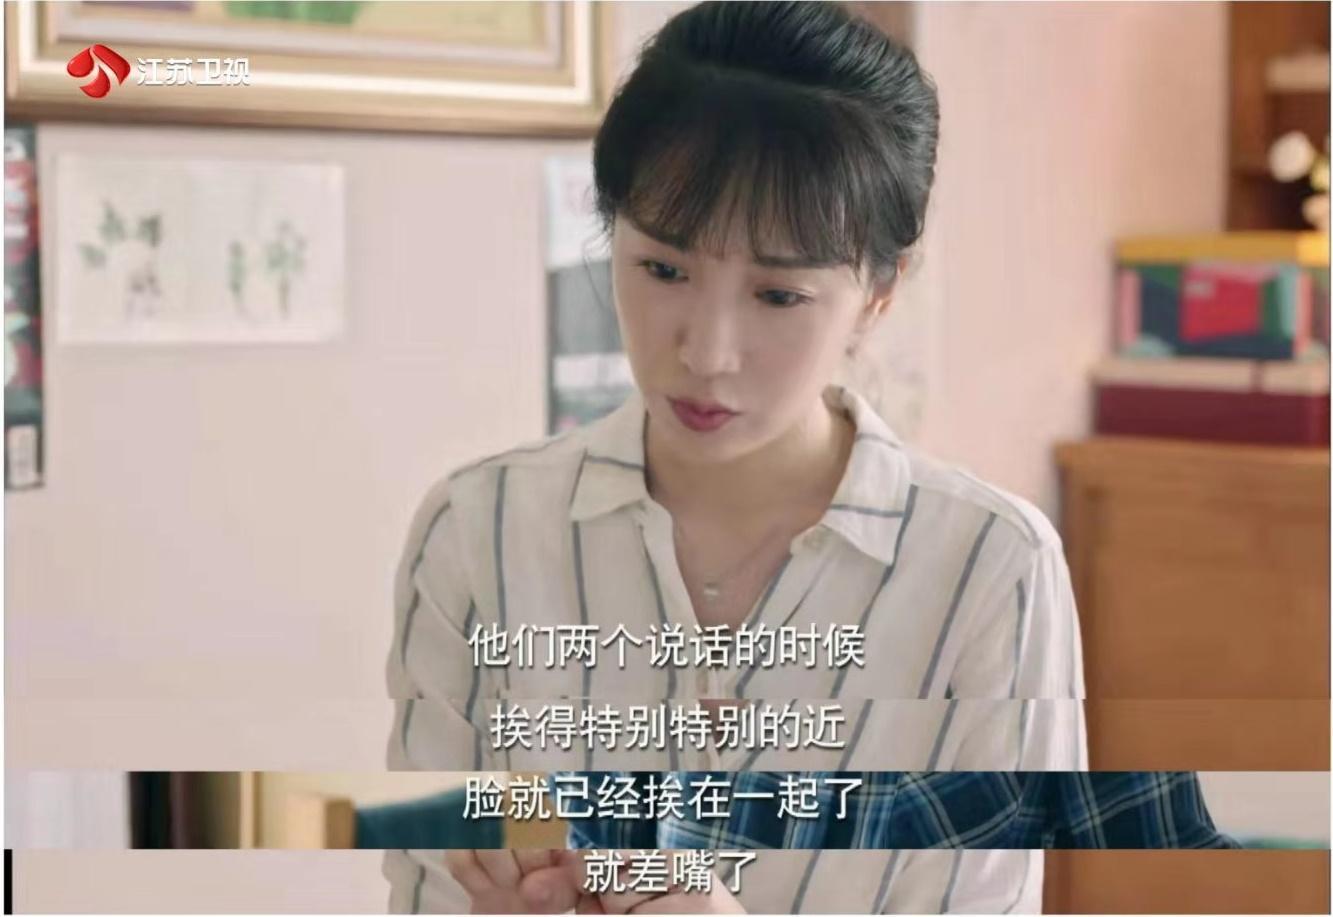 赵小青肖战爱情大考验,一路有点难